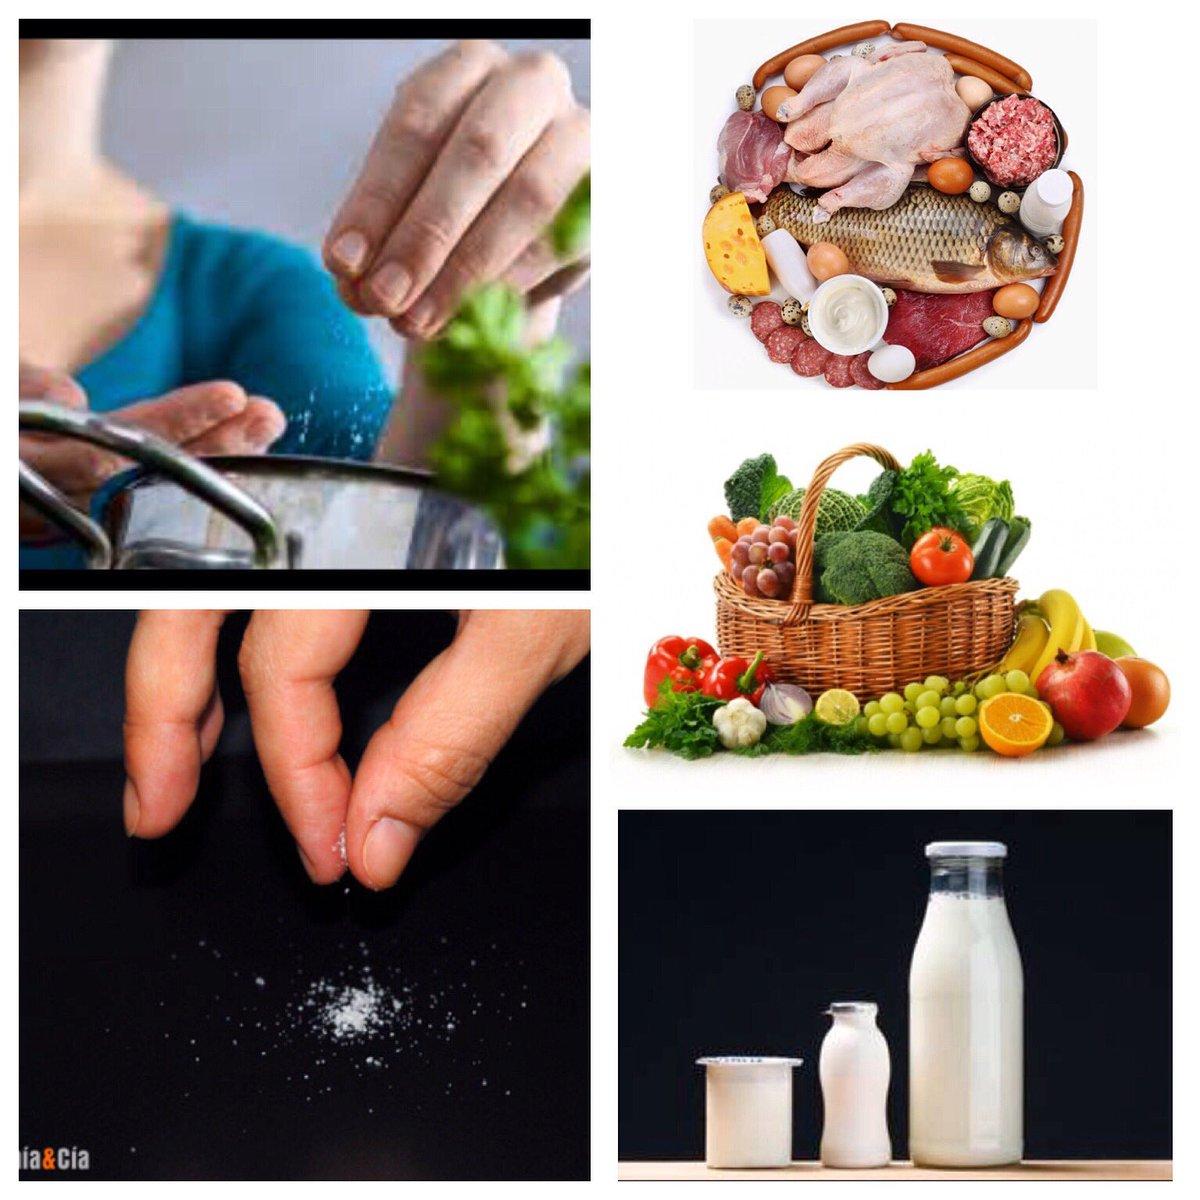 Dieta normoproteica y normocalorica